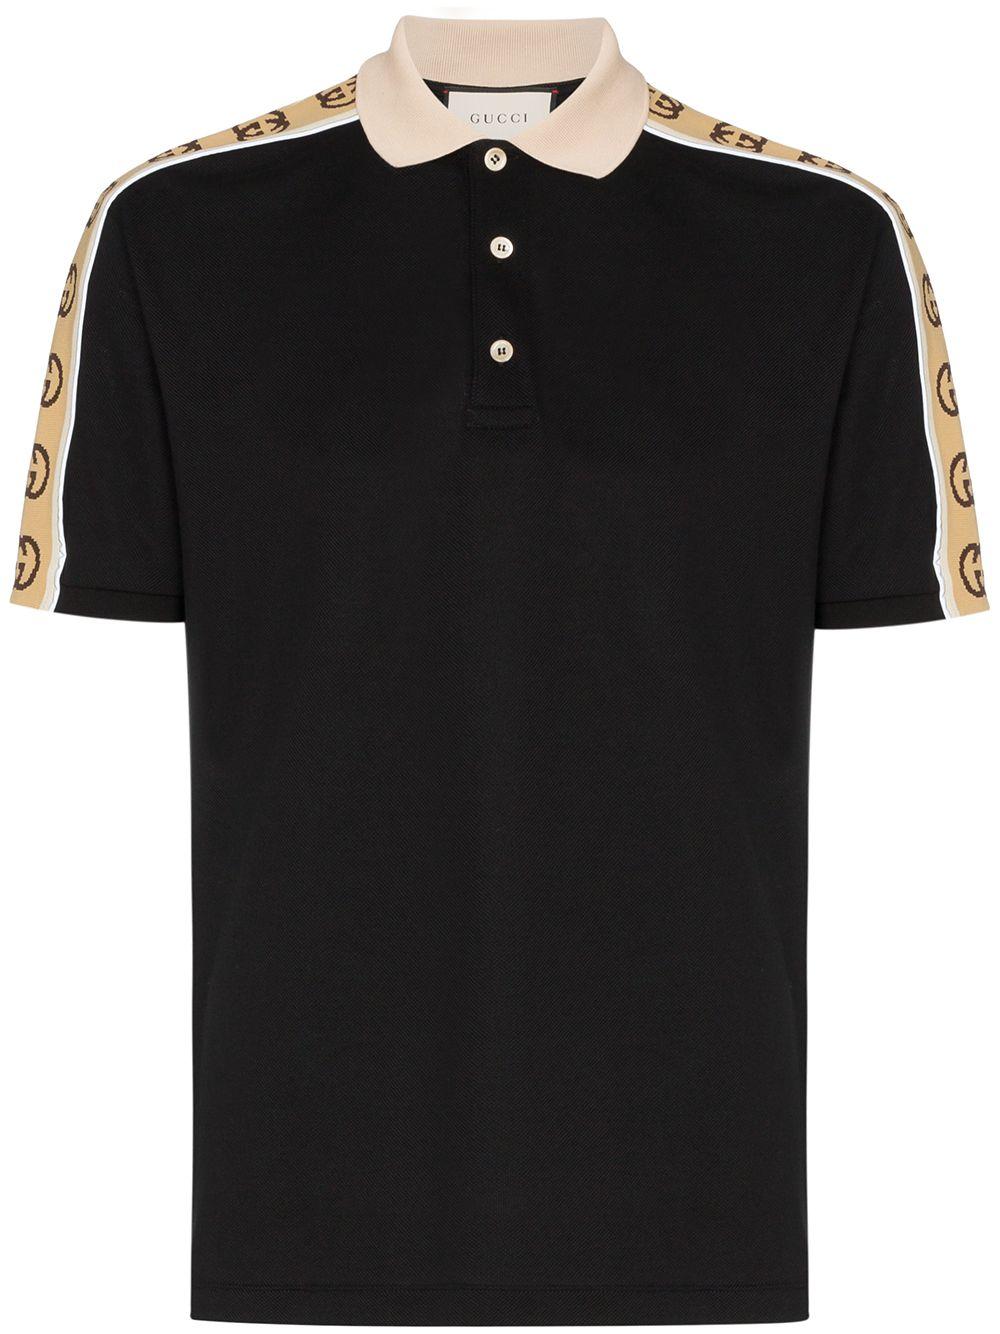 Gucci Poloshirt mit GG-Streifen - Schwarz